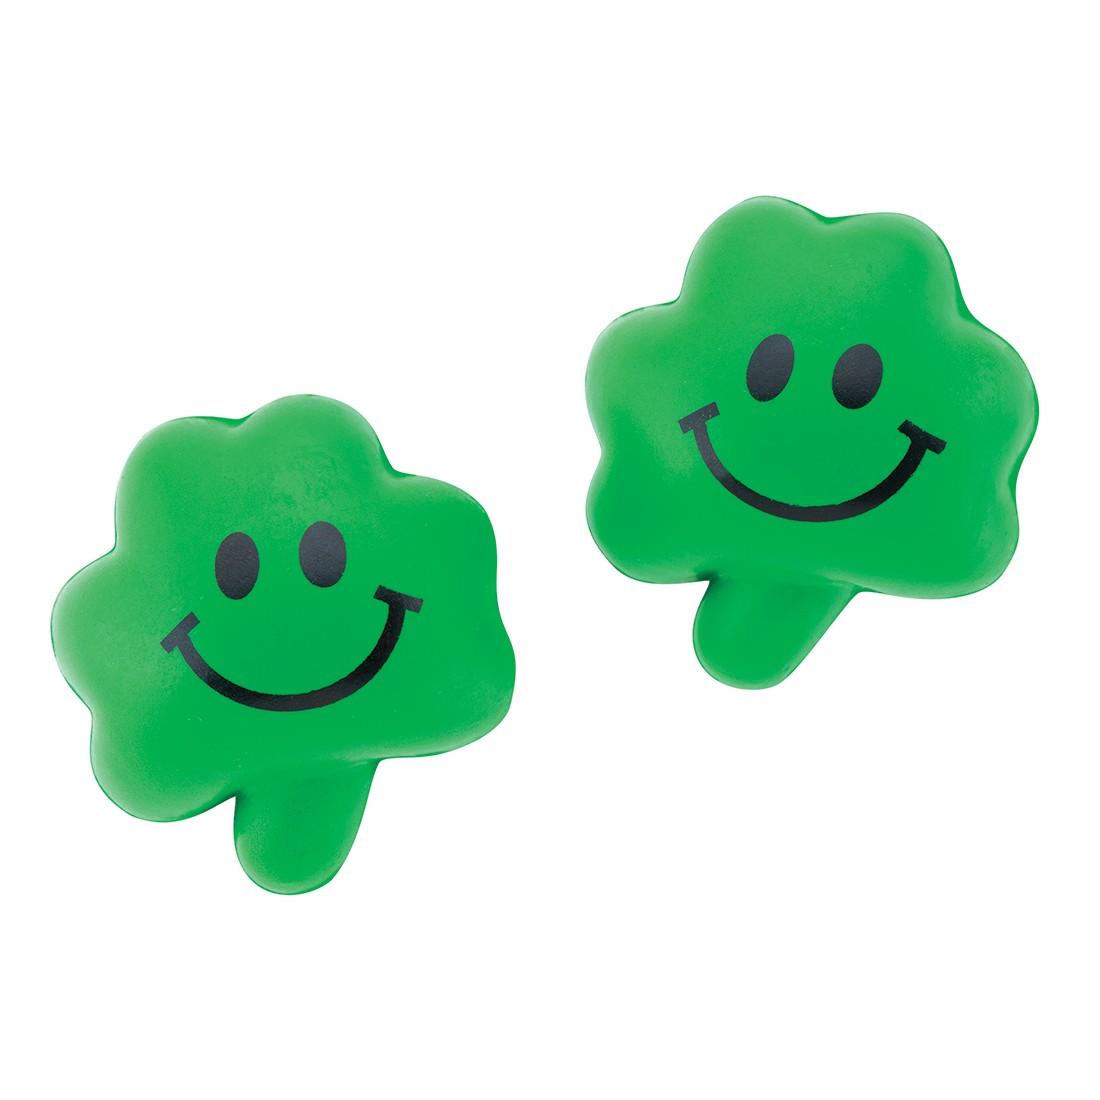 Shamrock Stress Toys [image]